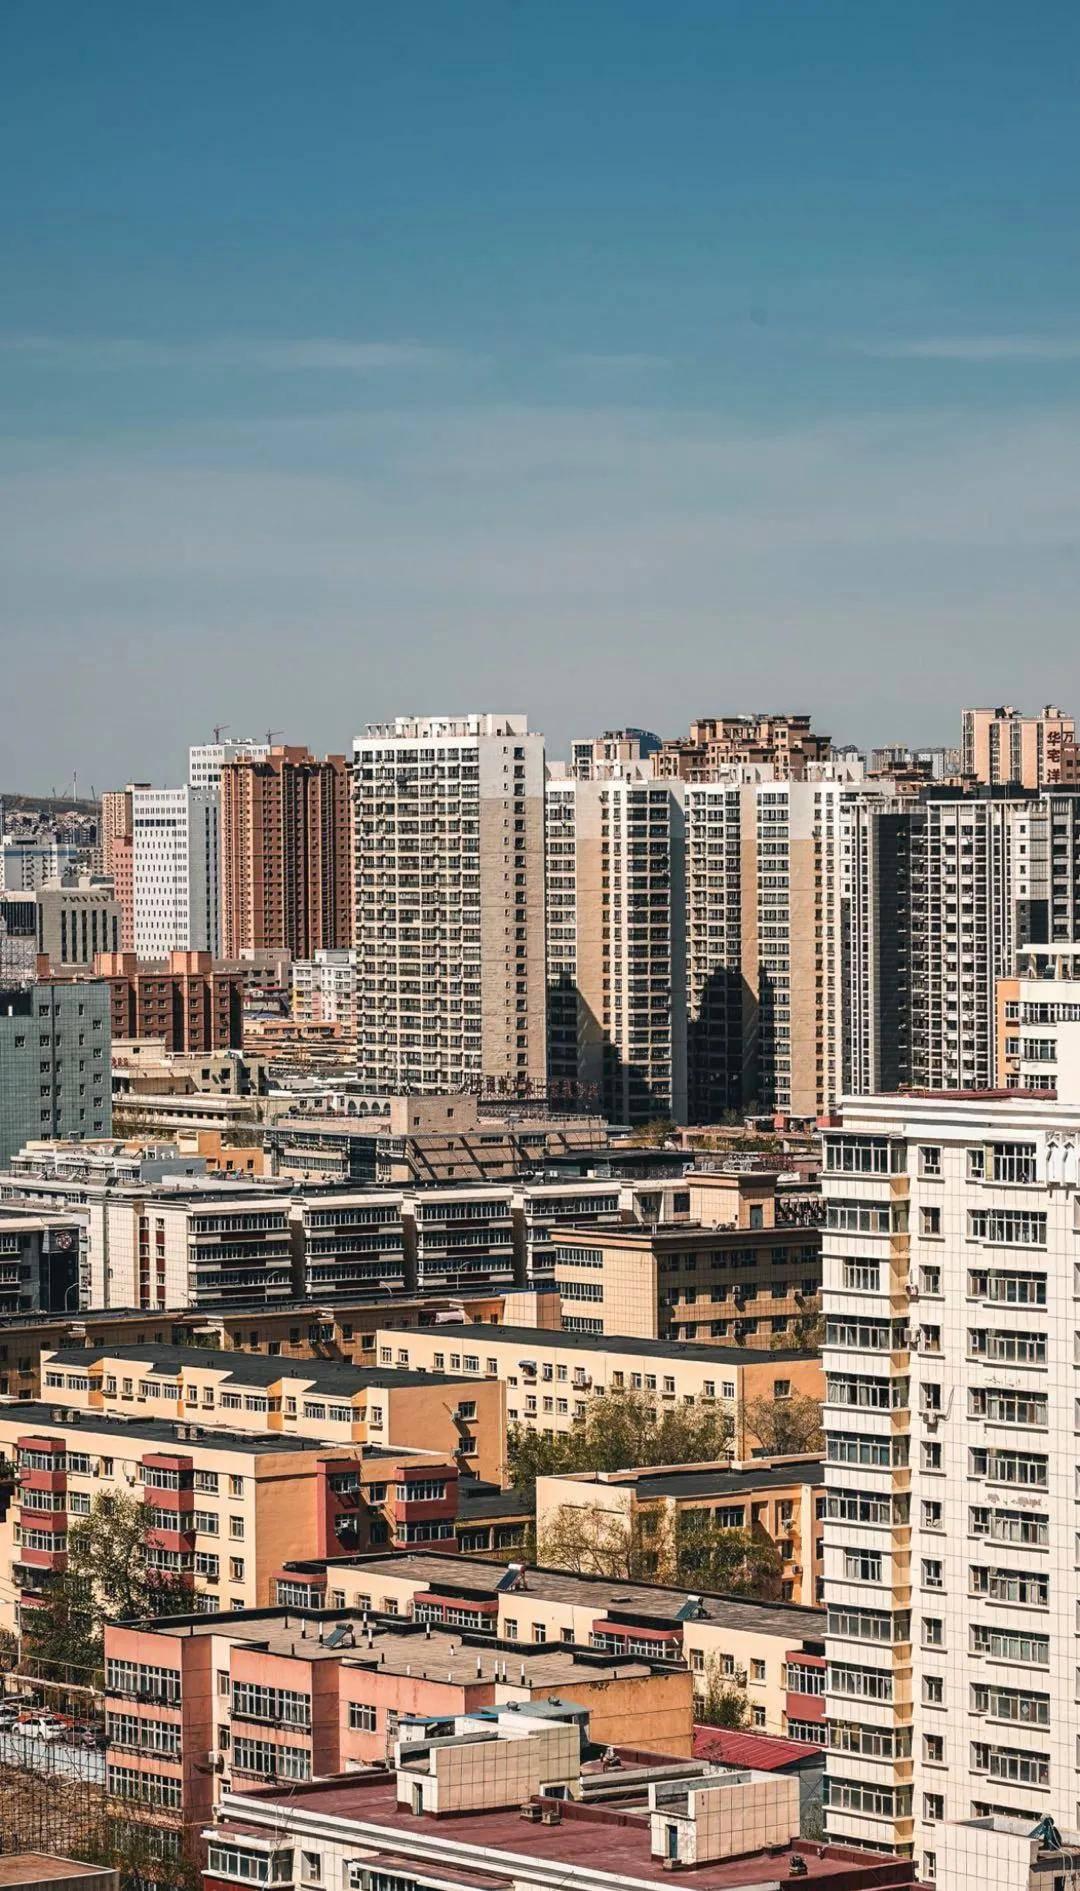 乌鲁木齐市有多少人口_中国西北城市乌鲁木齐建亚欧大数据中心